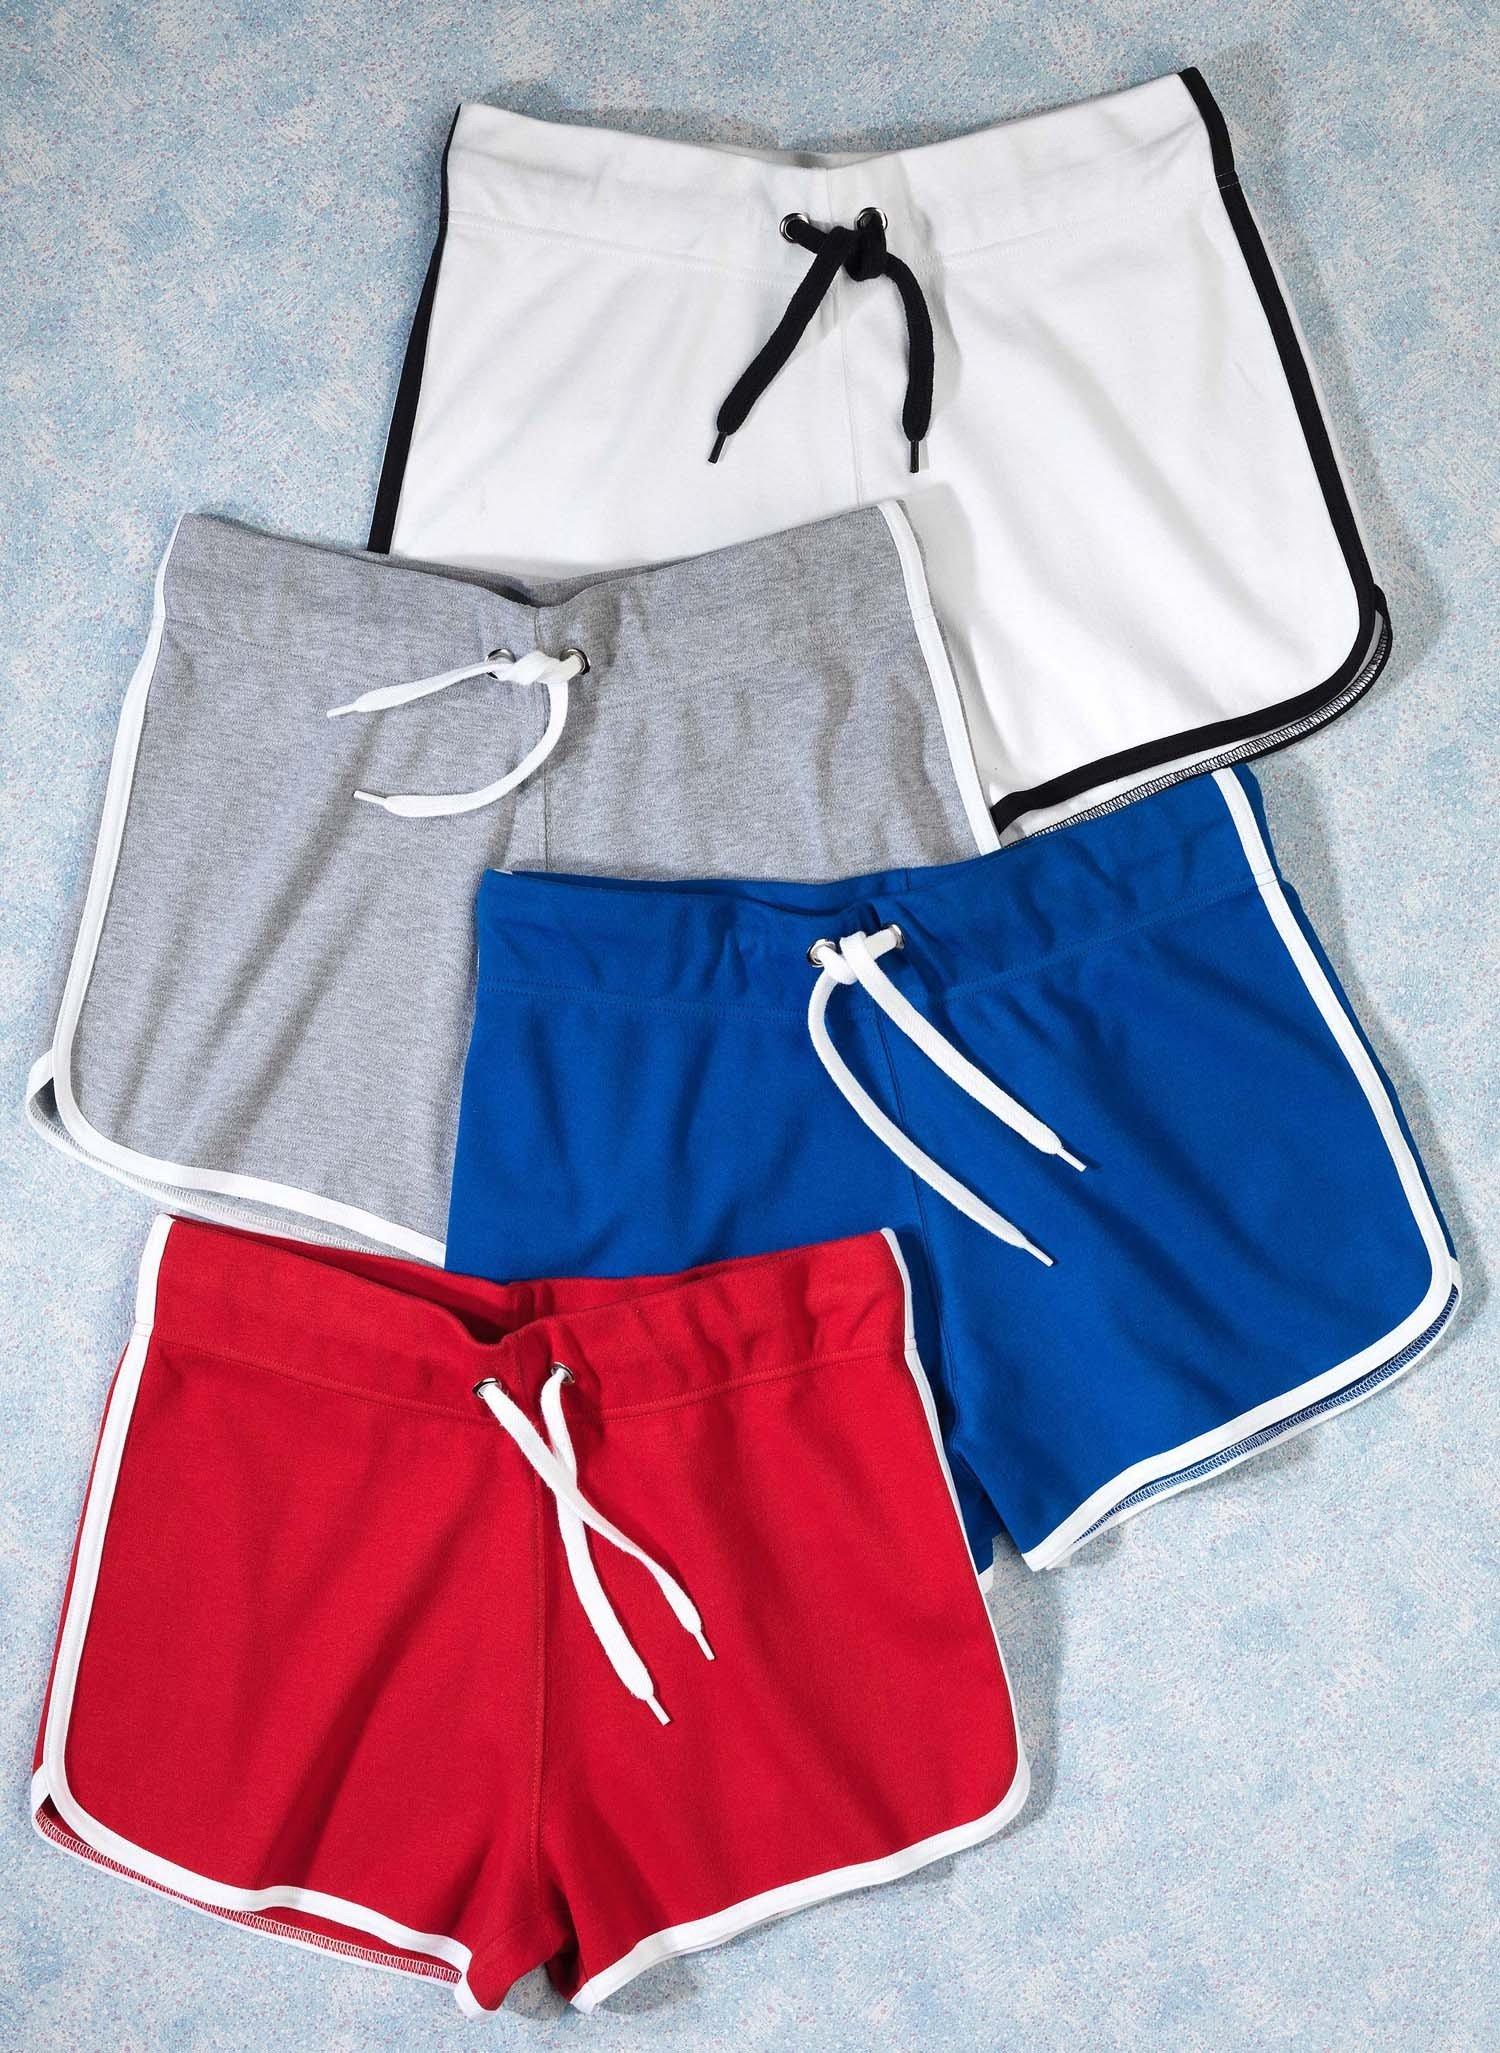 D-Shorts,Kontr.Streifen weiss L 001 - 3 - Ronja.ch